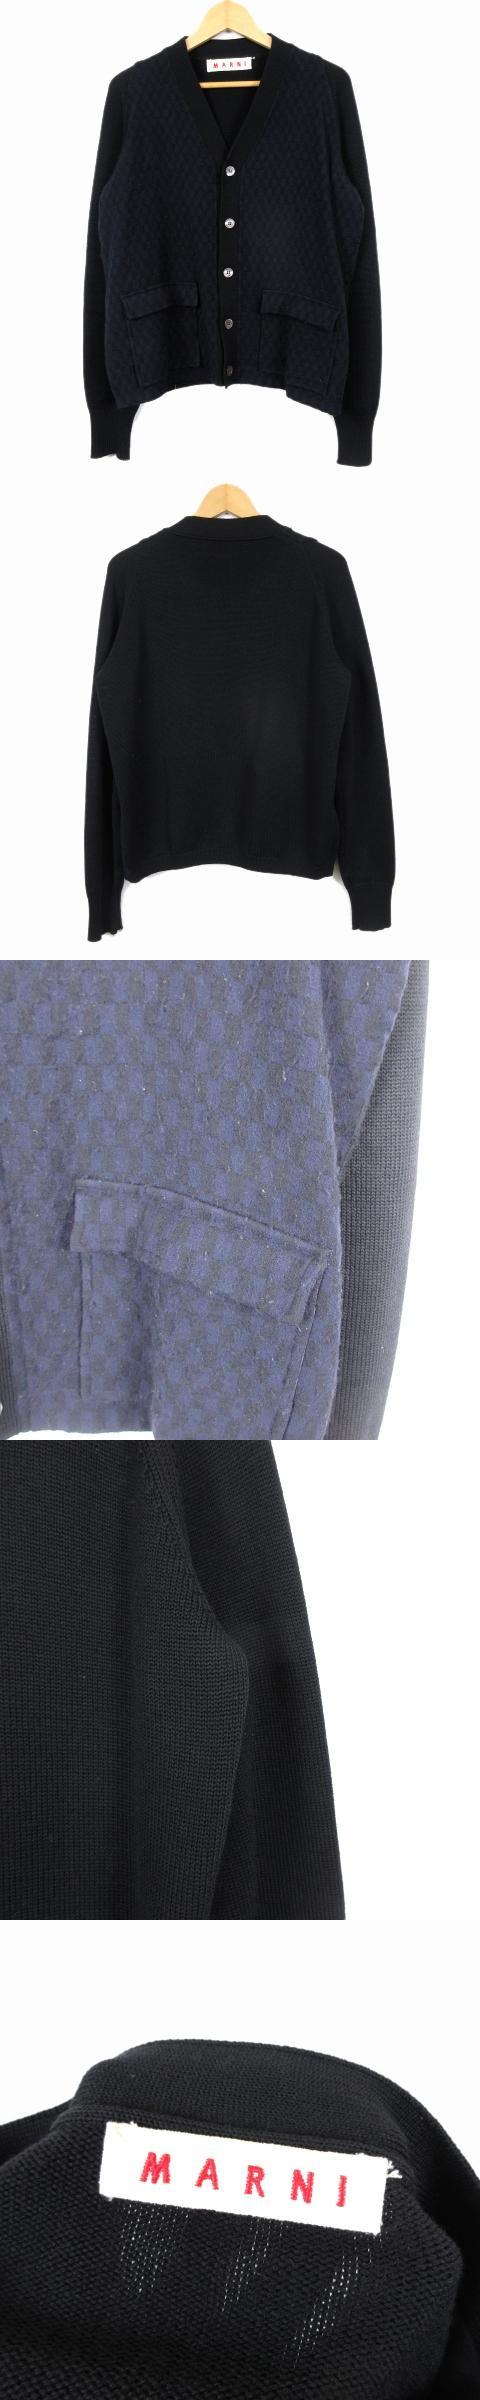 長袖 カーディガン ニット セーター 総柄 切替 ウール 46 黒 紺/A08